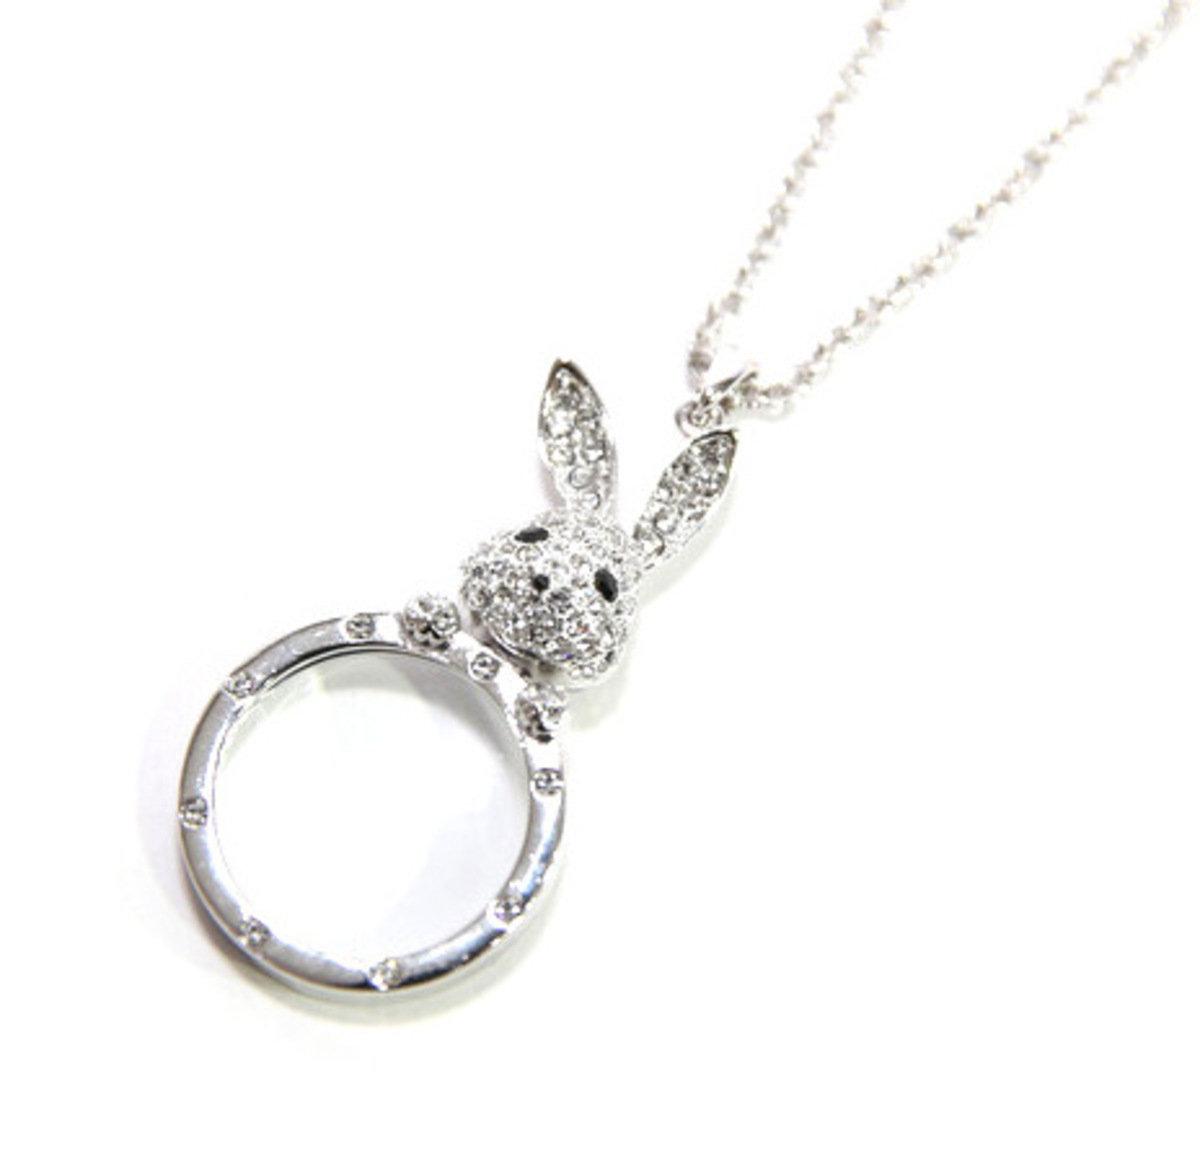 可愛小兔放大鏡頸鍊